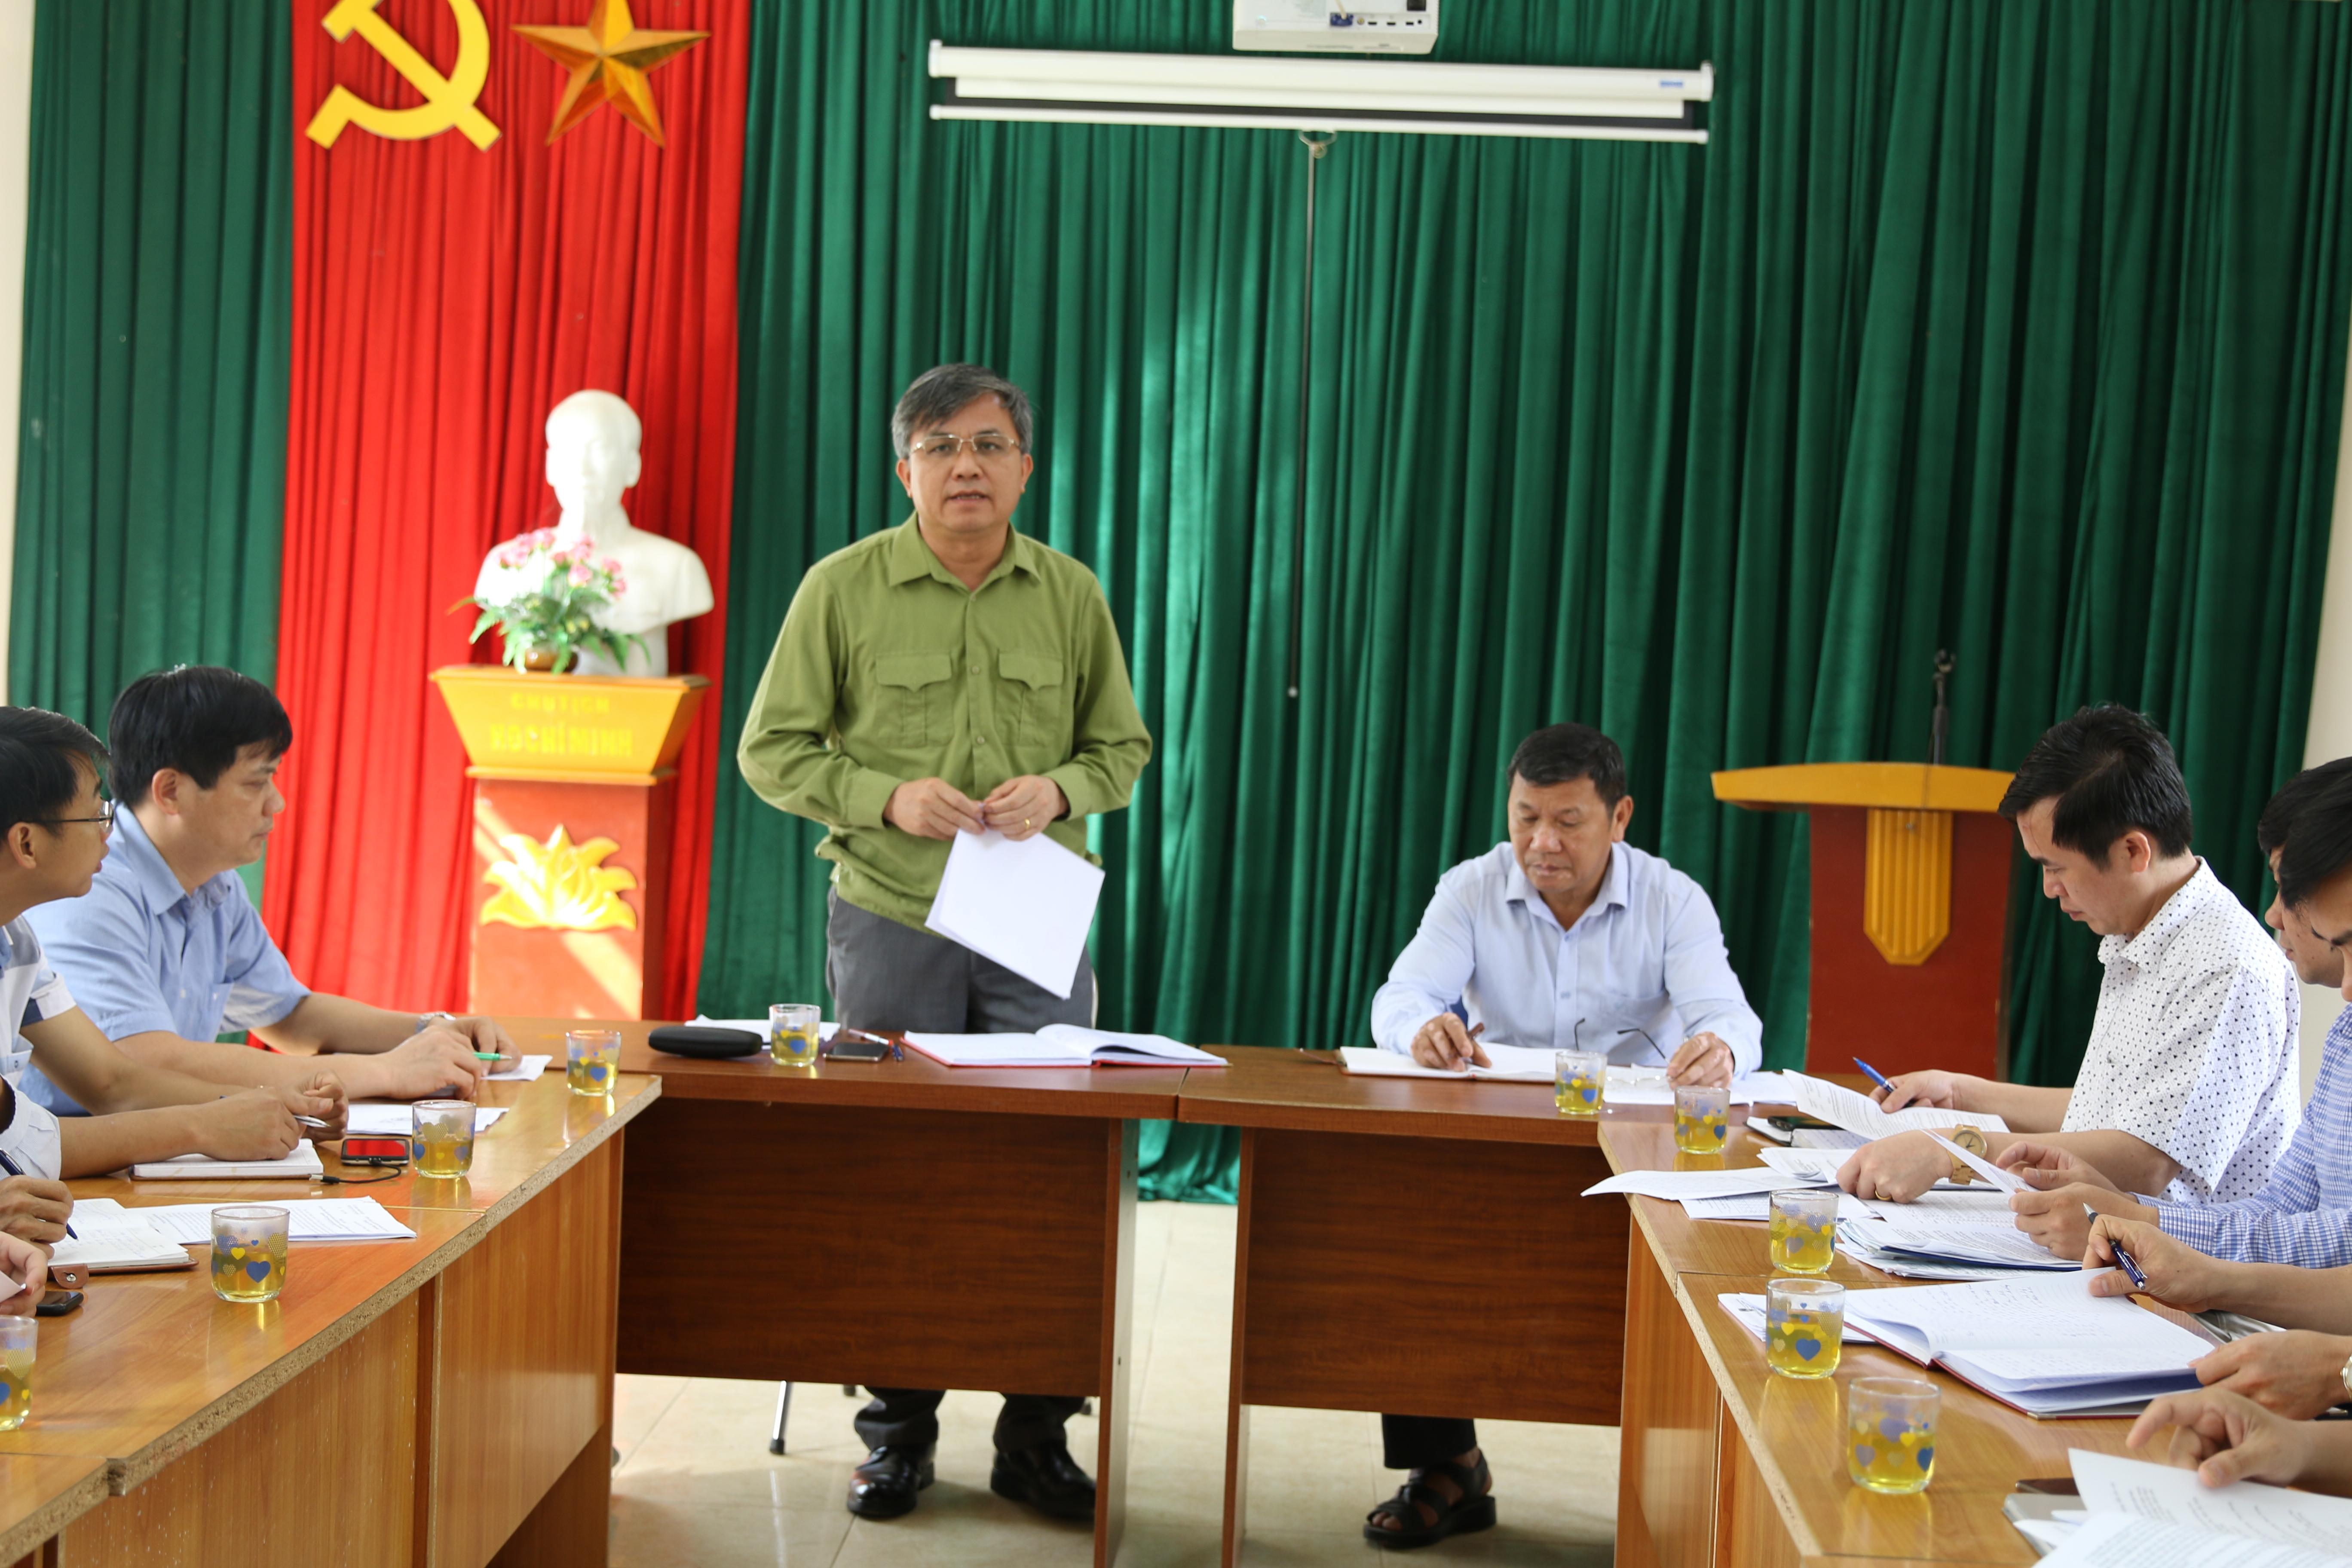 Đồngchí Lò Văn Tiến, Phó Chủ tịch UBND tỉnh kiếm tra tiến độviệc kiểm kê đất đai, lập bản đồ hiện trạng sử dụng đất năm 2019 tại xã Quài Cang.